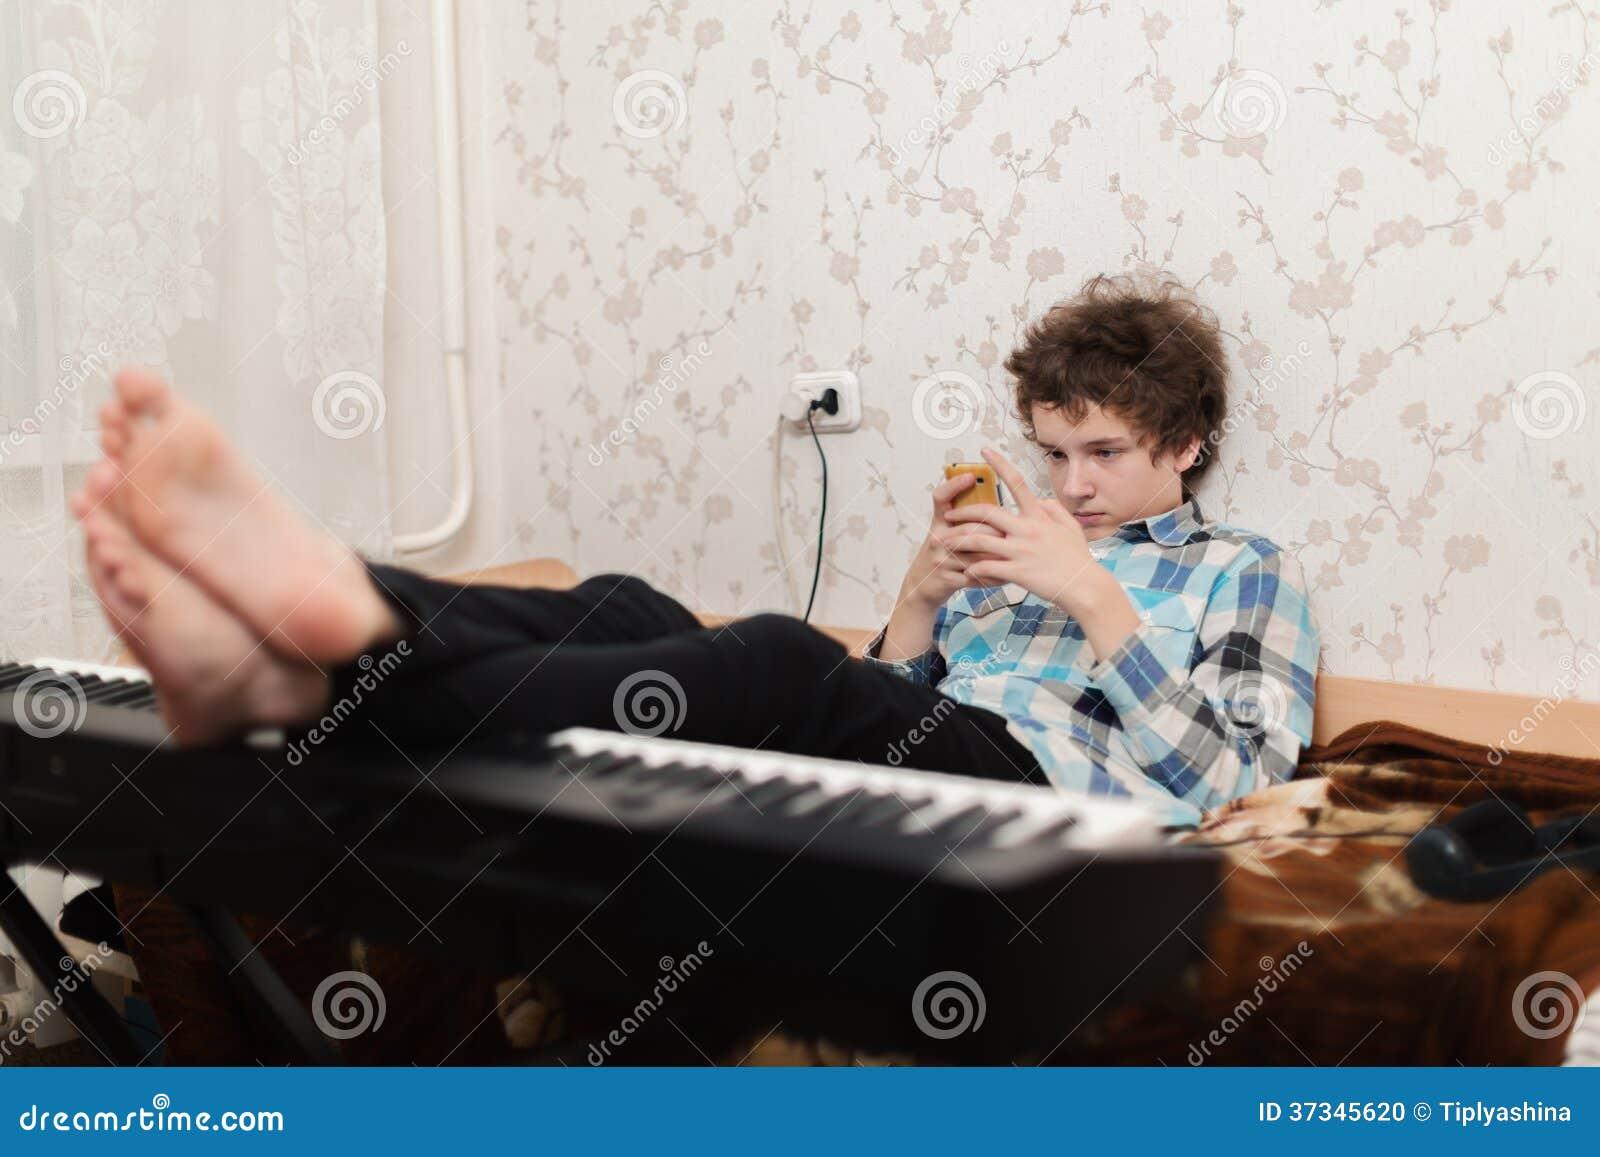 Leken i en mobiltelefon är mer intressant, än på pianot